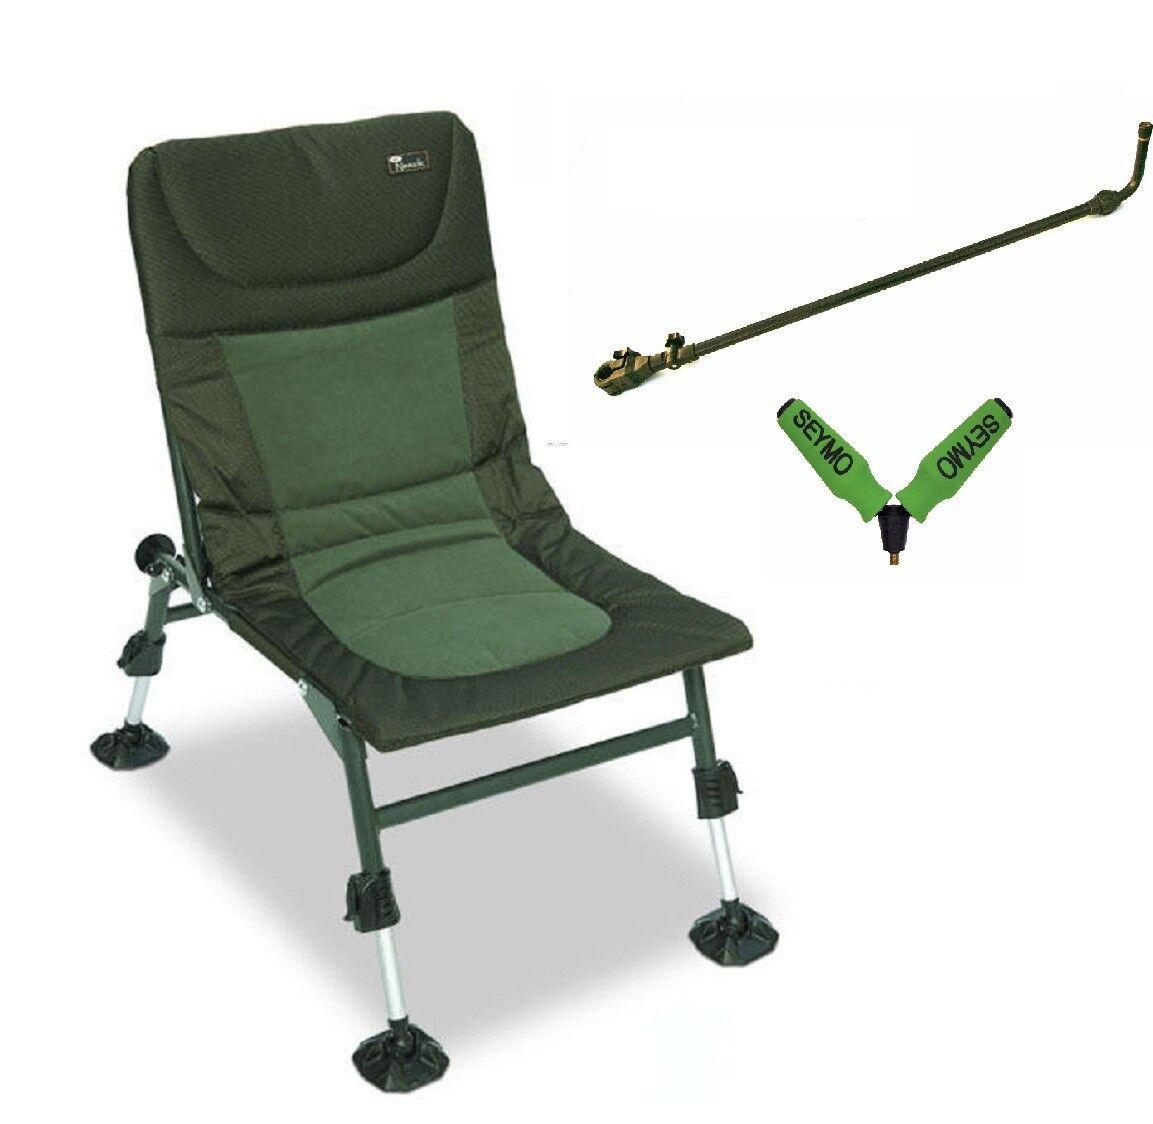 NGT Nomadic Folding Carp Fishing Chair Mud Feet Long arm & Seymo Roller